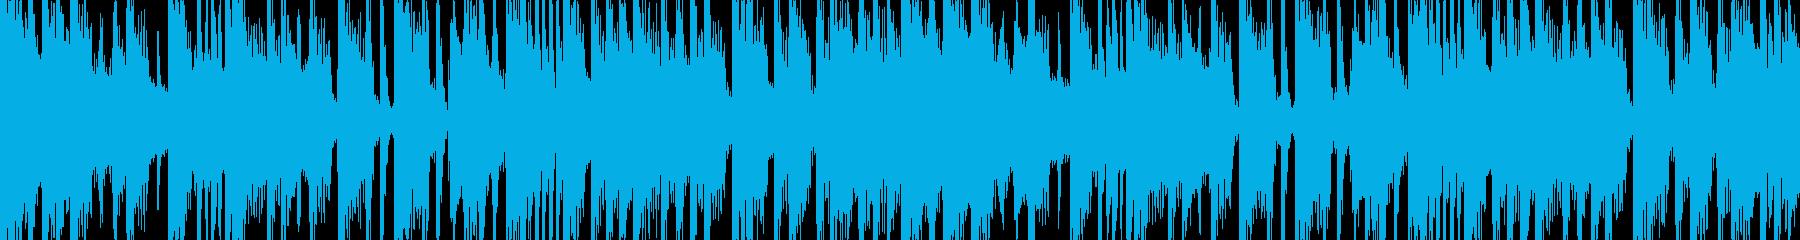 メタルコア風のヘヴィーLOOP BGMの再生済みの波形